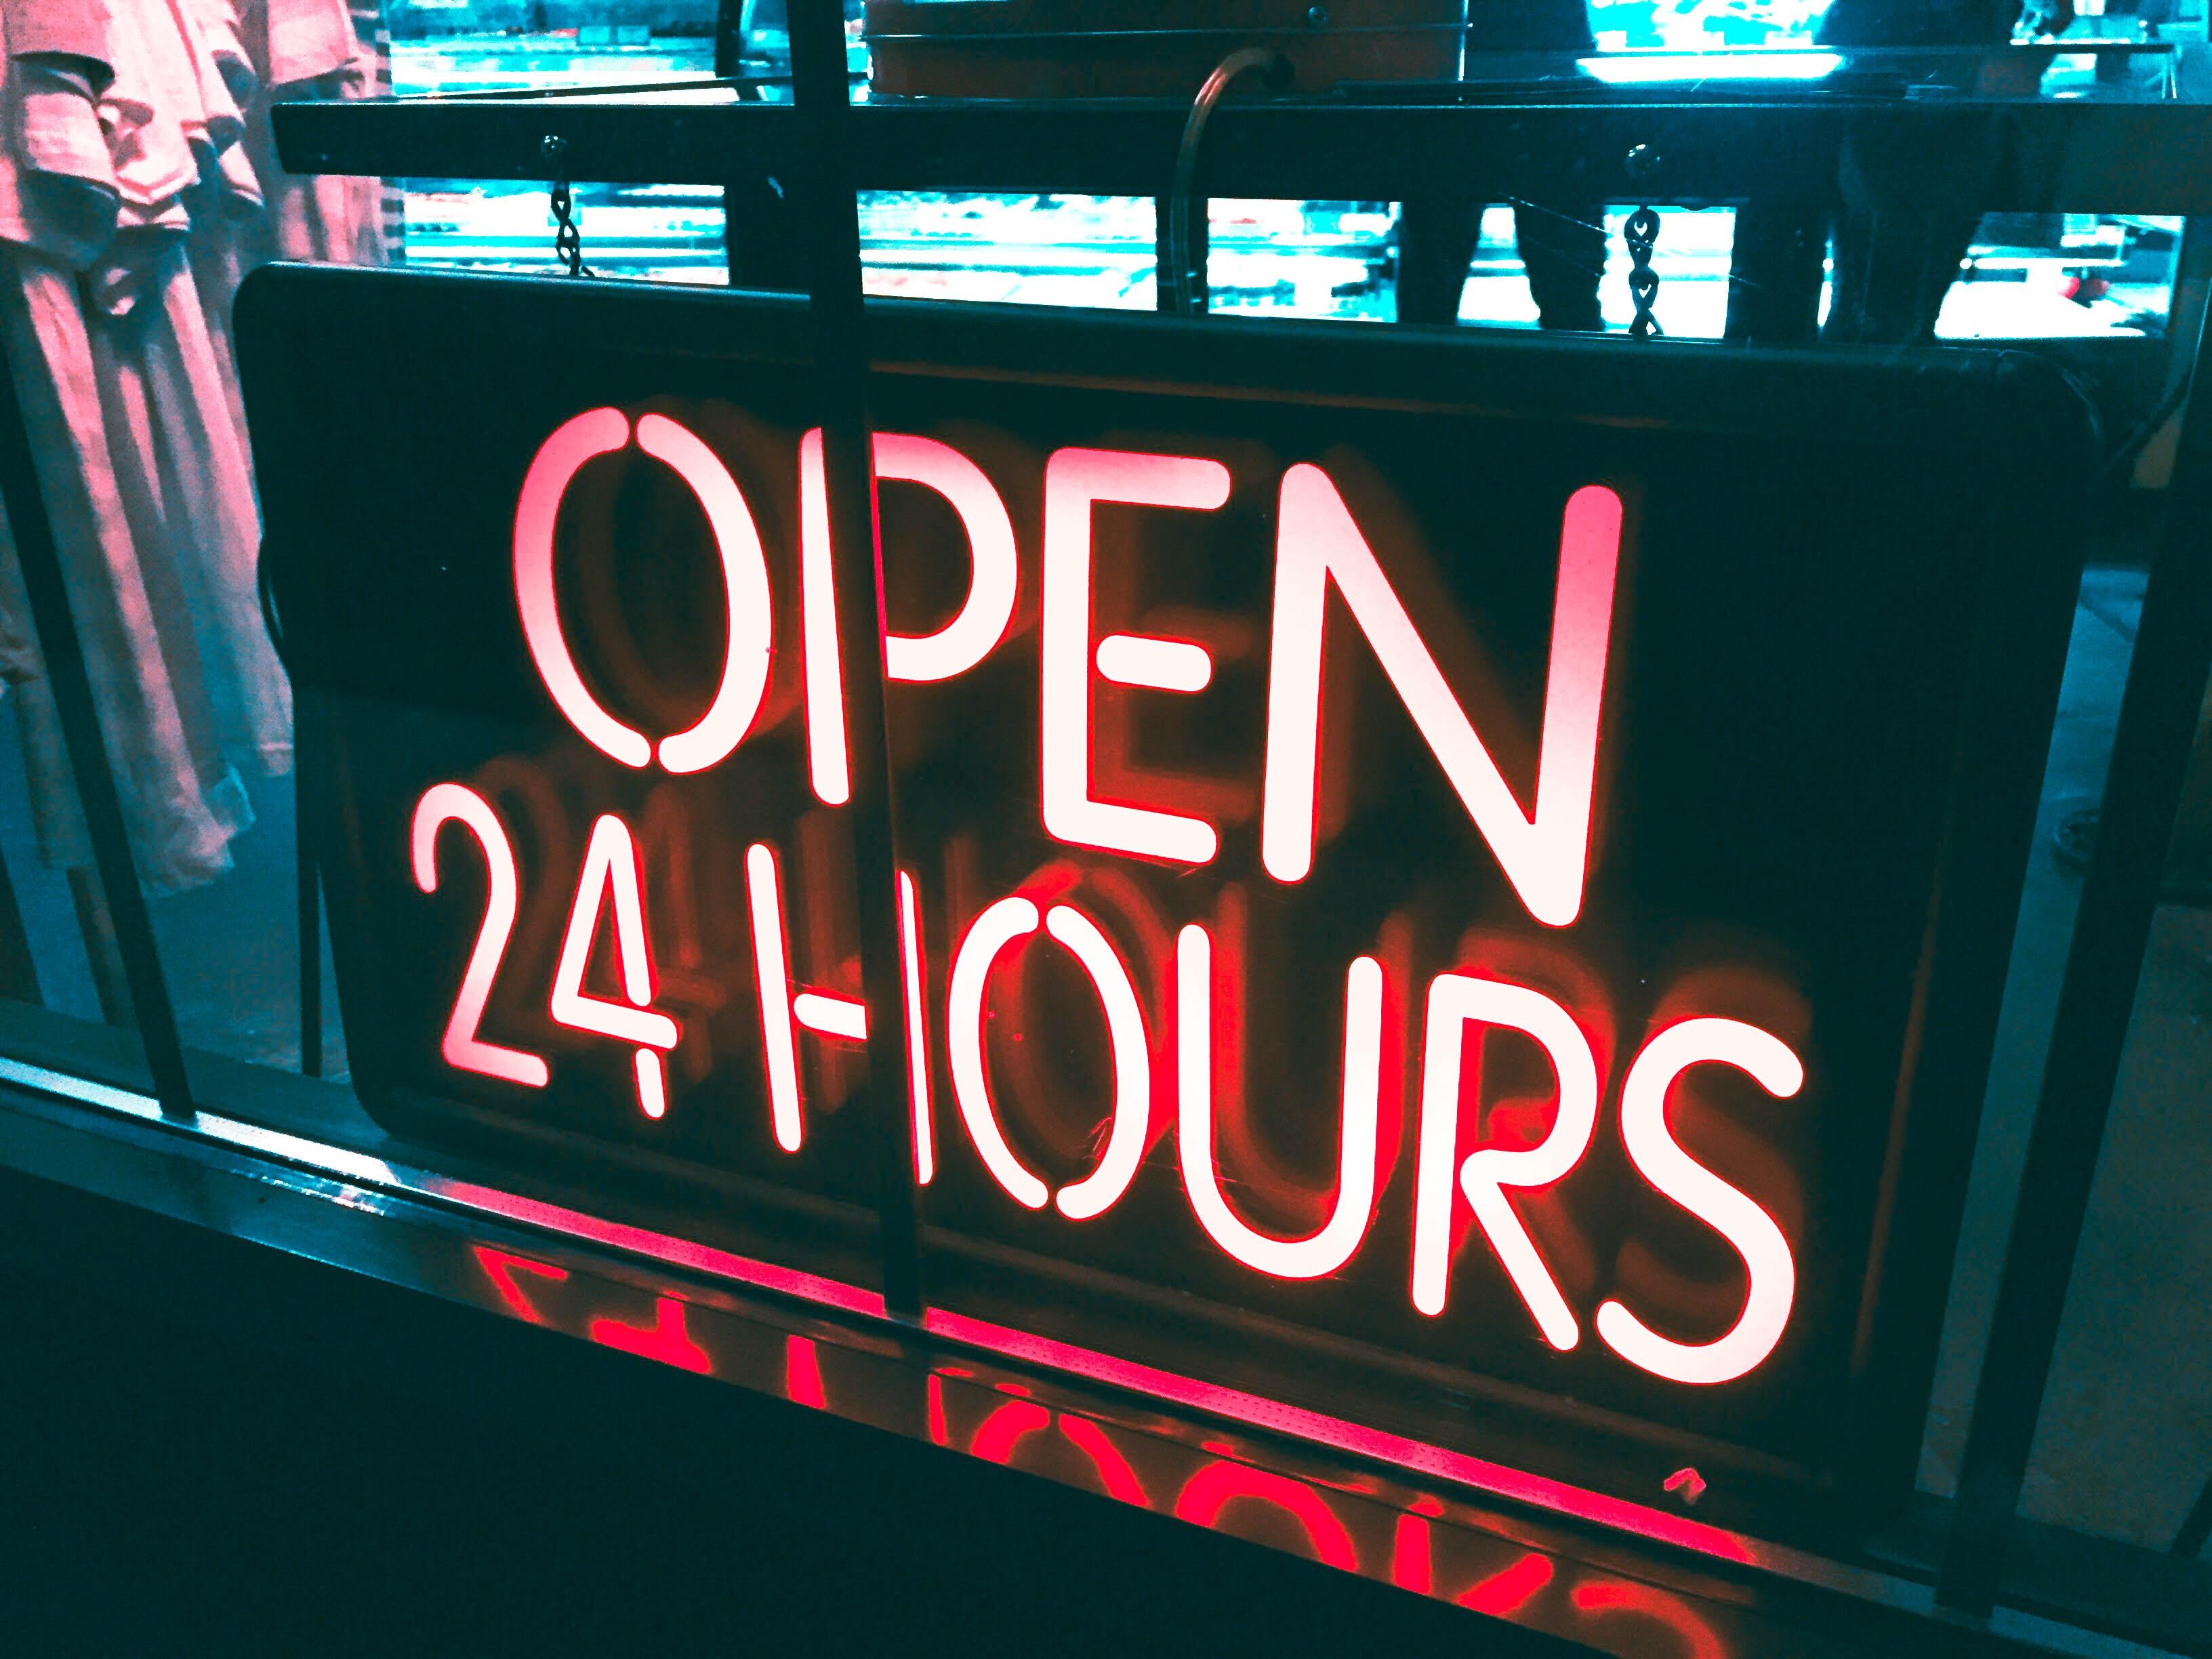 neon, open, 24 hours